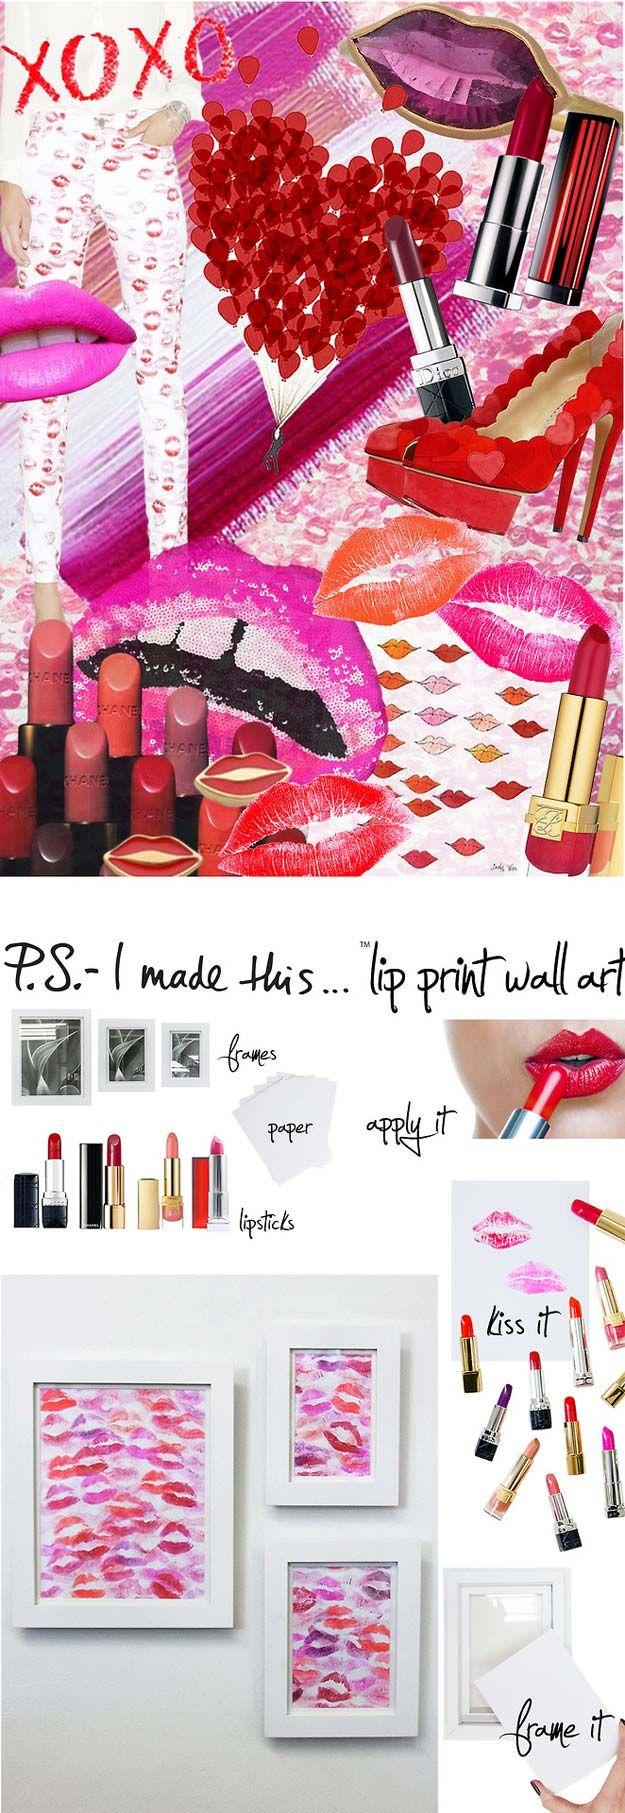 Rosa DIY Room Decor Idéer - DIY Lip Print Wall Art - Kalla rosor sovrum hantverk och projekt för tonåringar, flickor, tonåringar och vuxna - Bästa Wall Art Idéer, rum utsmyckning projekt Tutorials, mattor, belysning och lampor, Säng dekor och kuddar http: / /diyprojectsforteens.com/diy-bedroom-ideas-pink